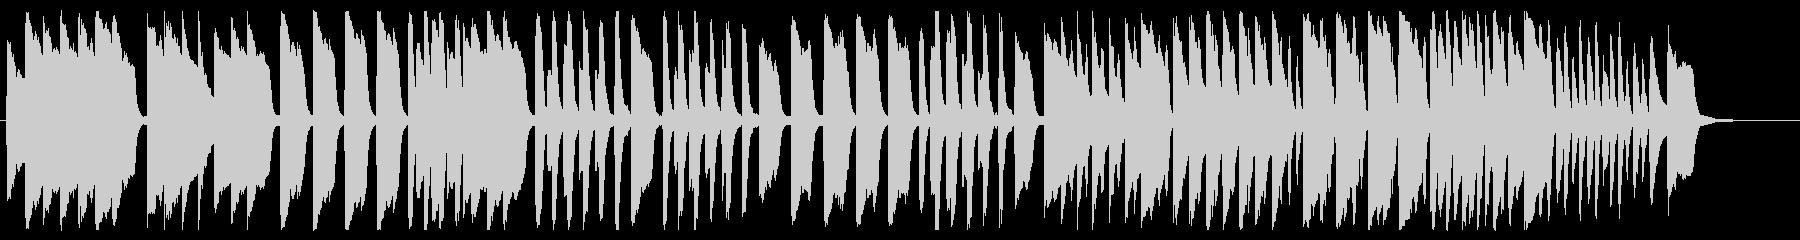 かえるの合唱 ピアノver.の未再生の波形